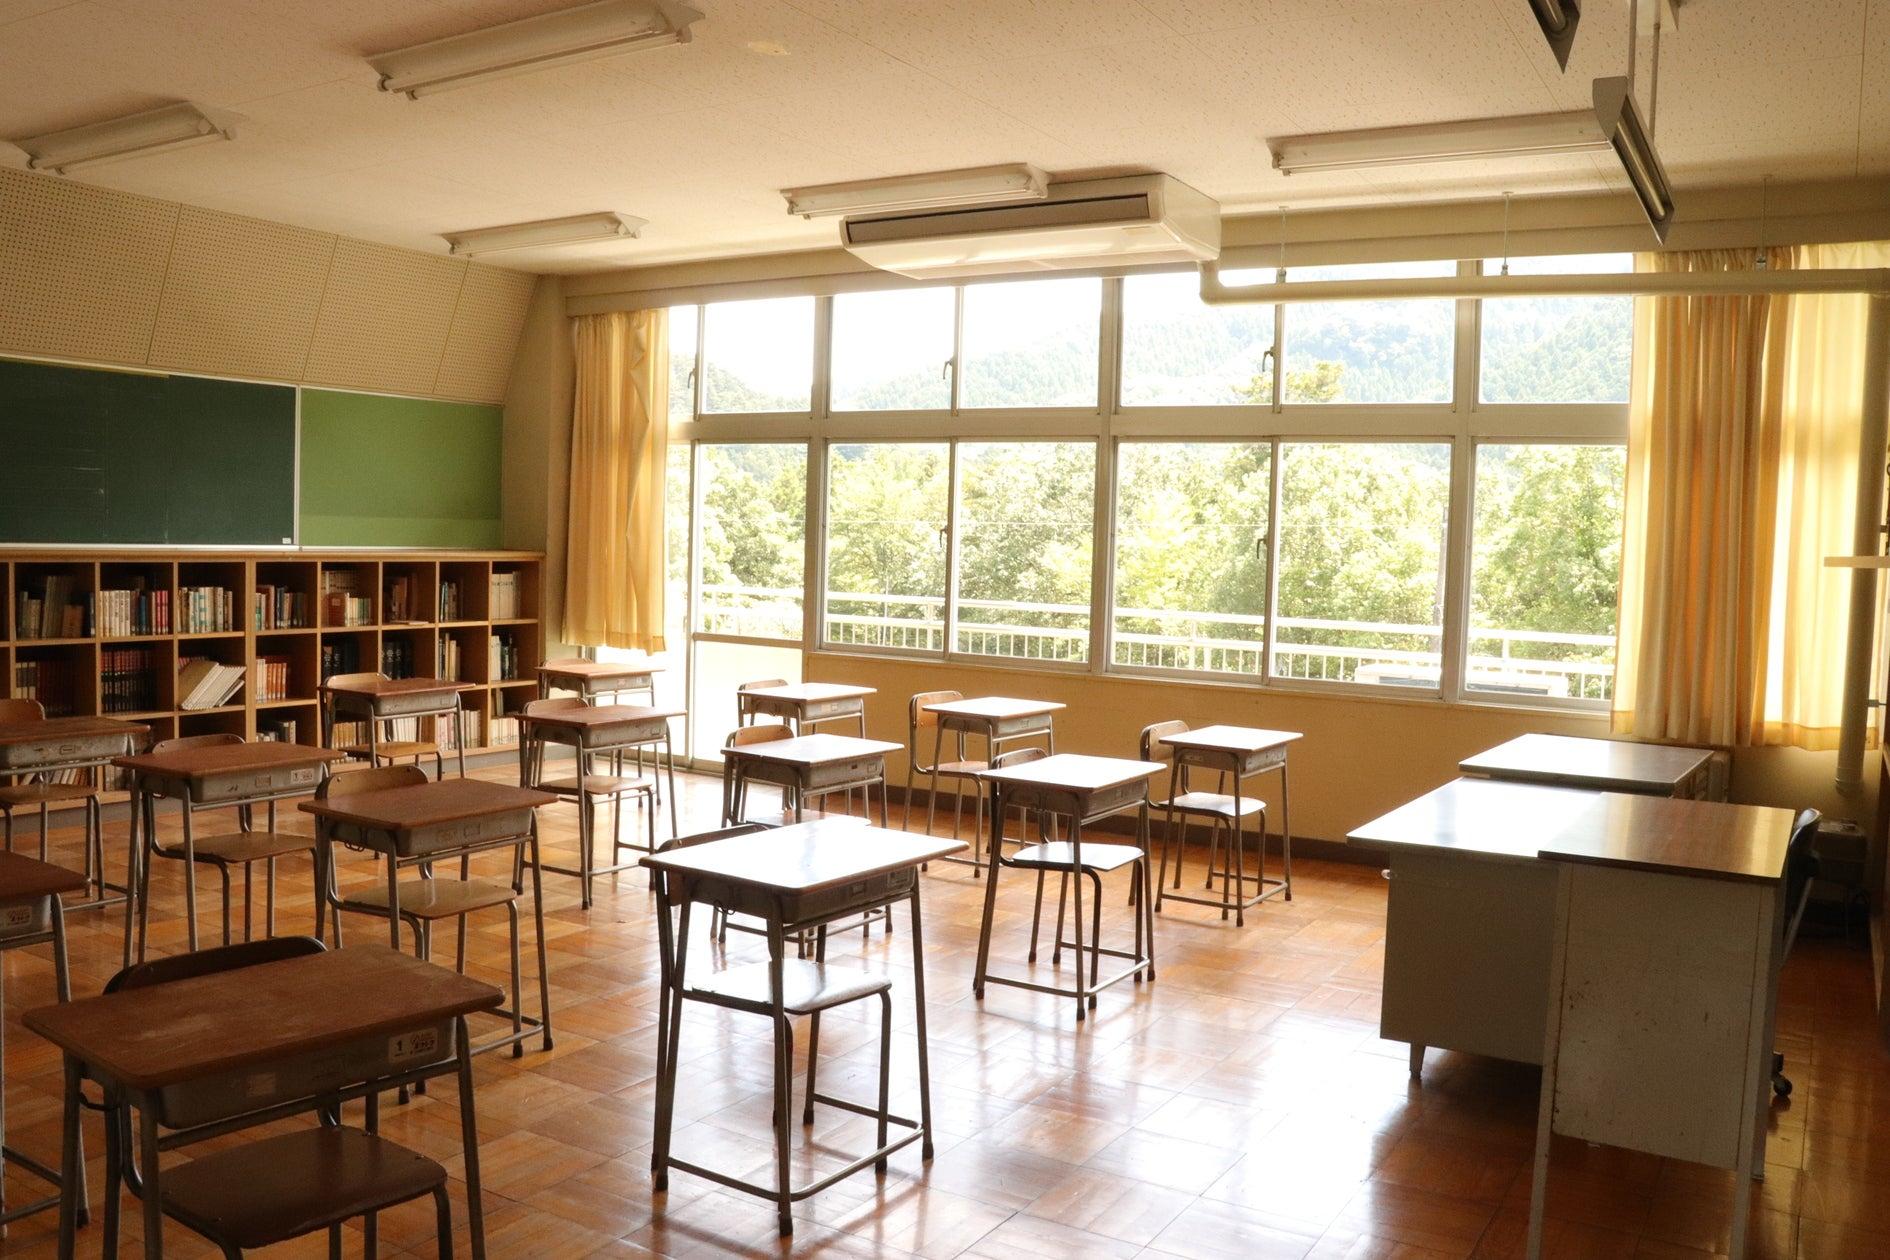 【教室A】学生時代にタイムスリップしたかのうような廃校の教室で撮影ができます の写真